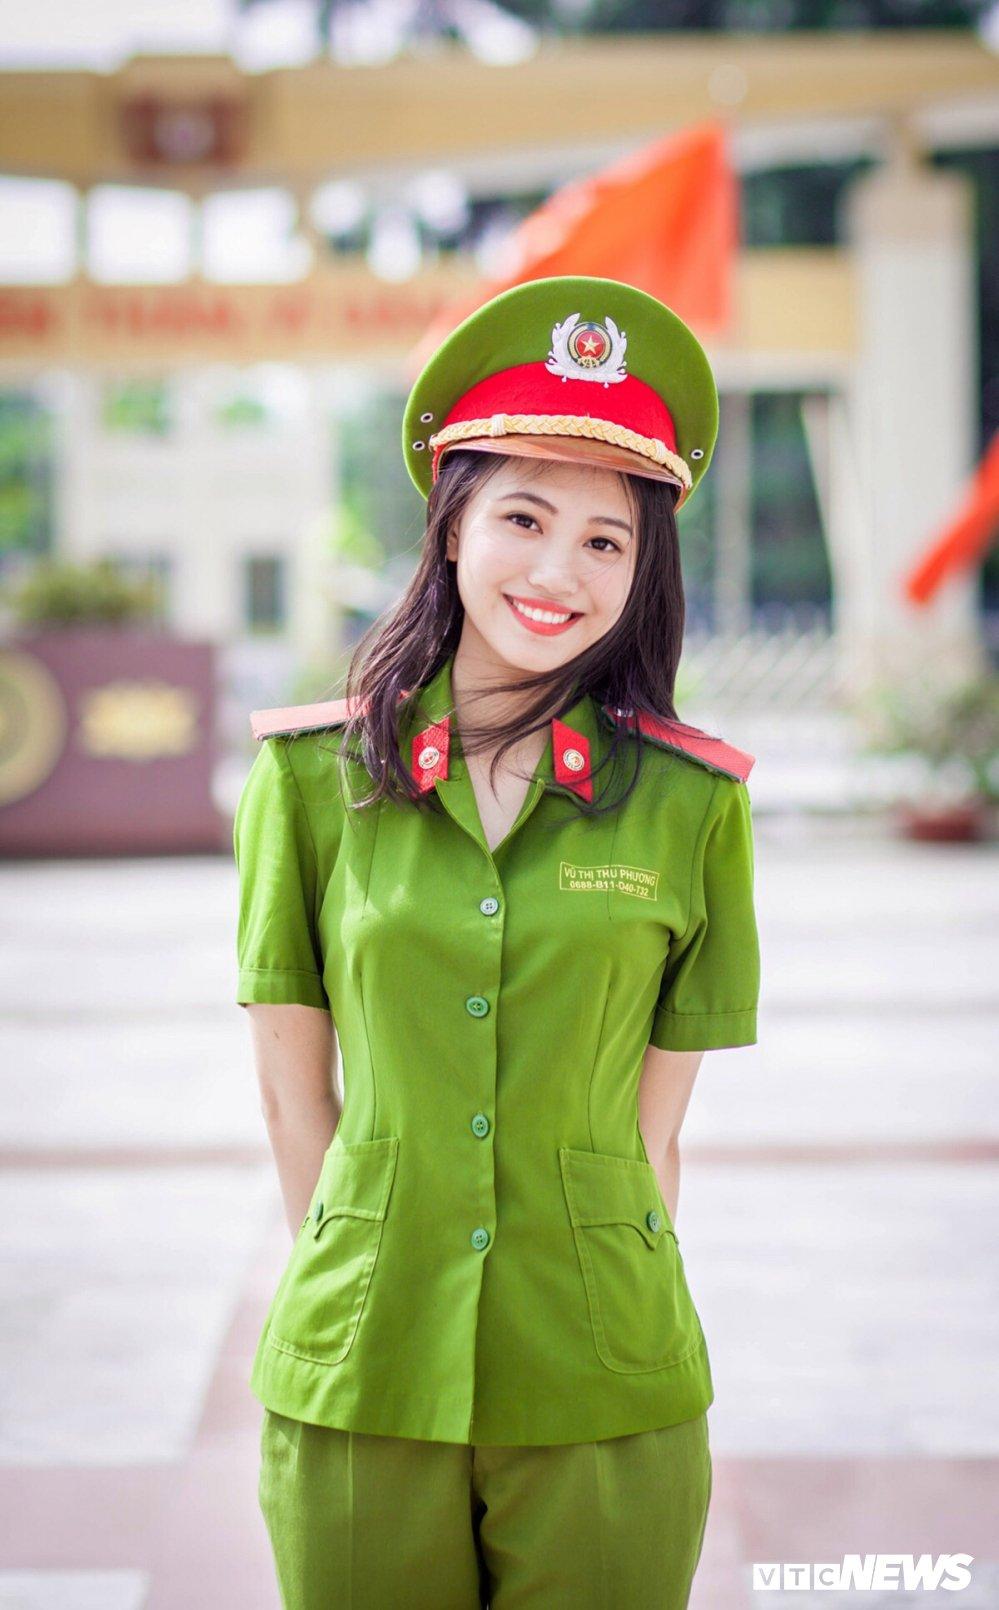 'Net dep sinh vien chuyen nganh Canh sat dieu tra nam 2018' qua 10 buc anh dac biet hinh anh 1